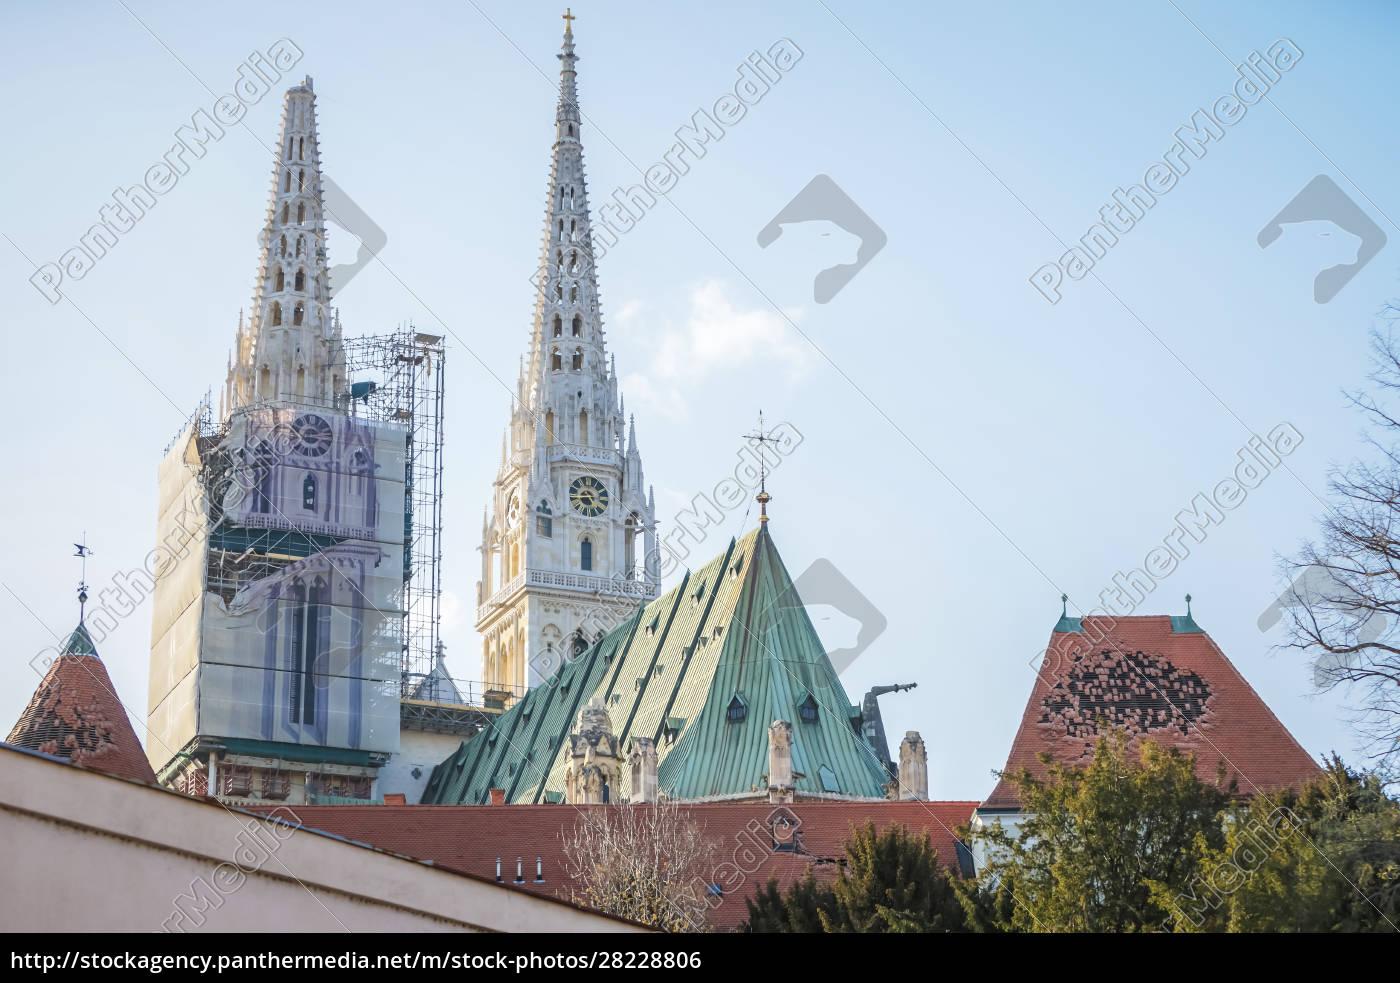 la, cattedrale, danneggiata, dal, terremoto, di - 28228806